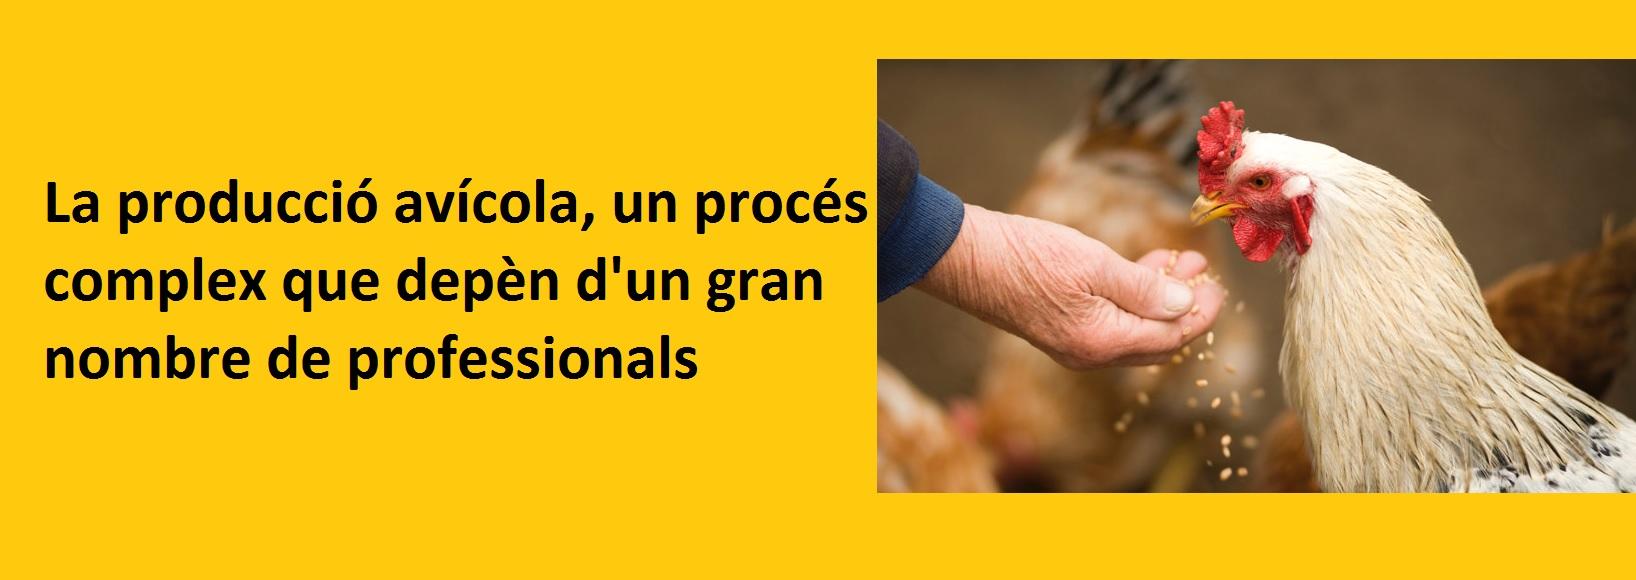 La producció avícola